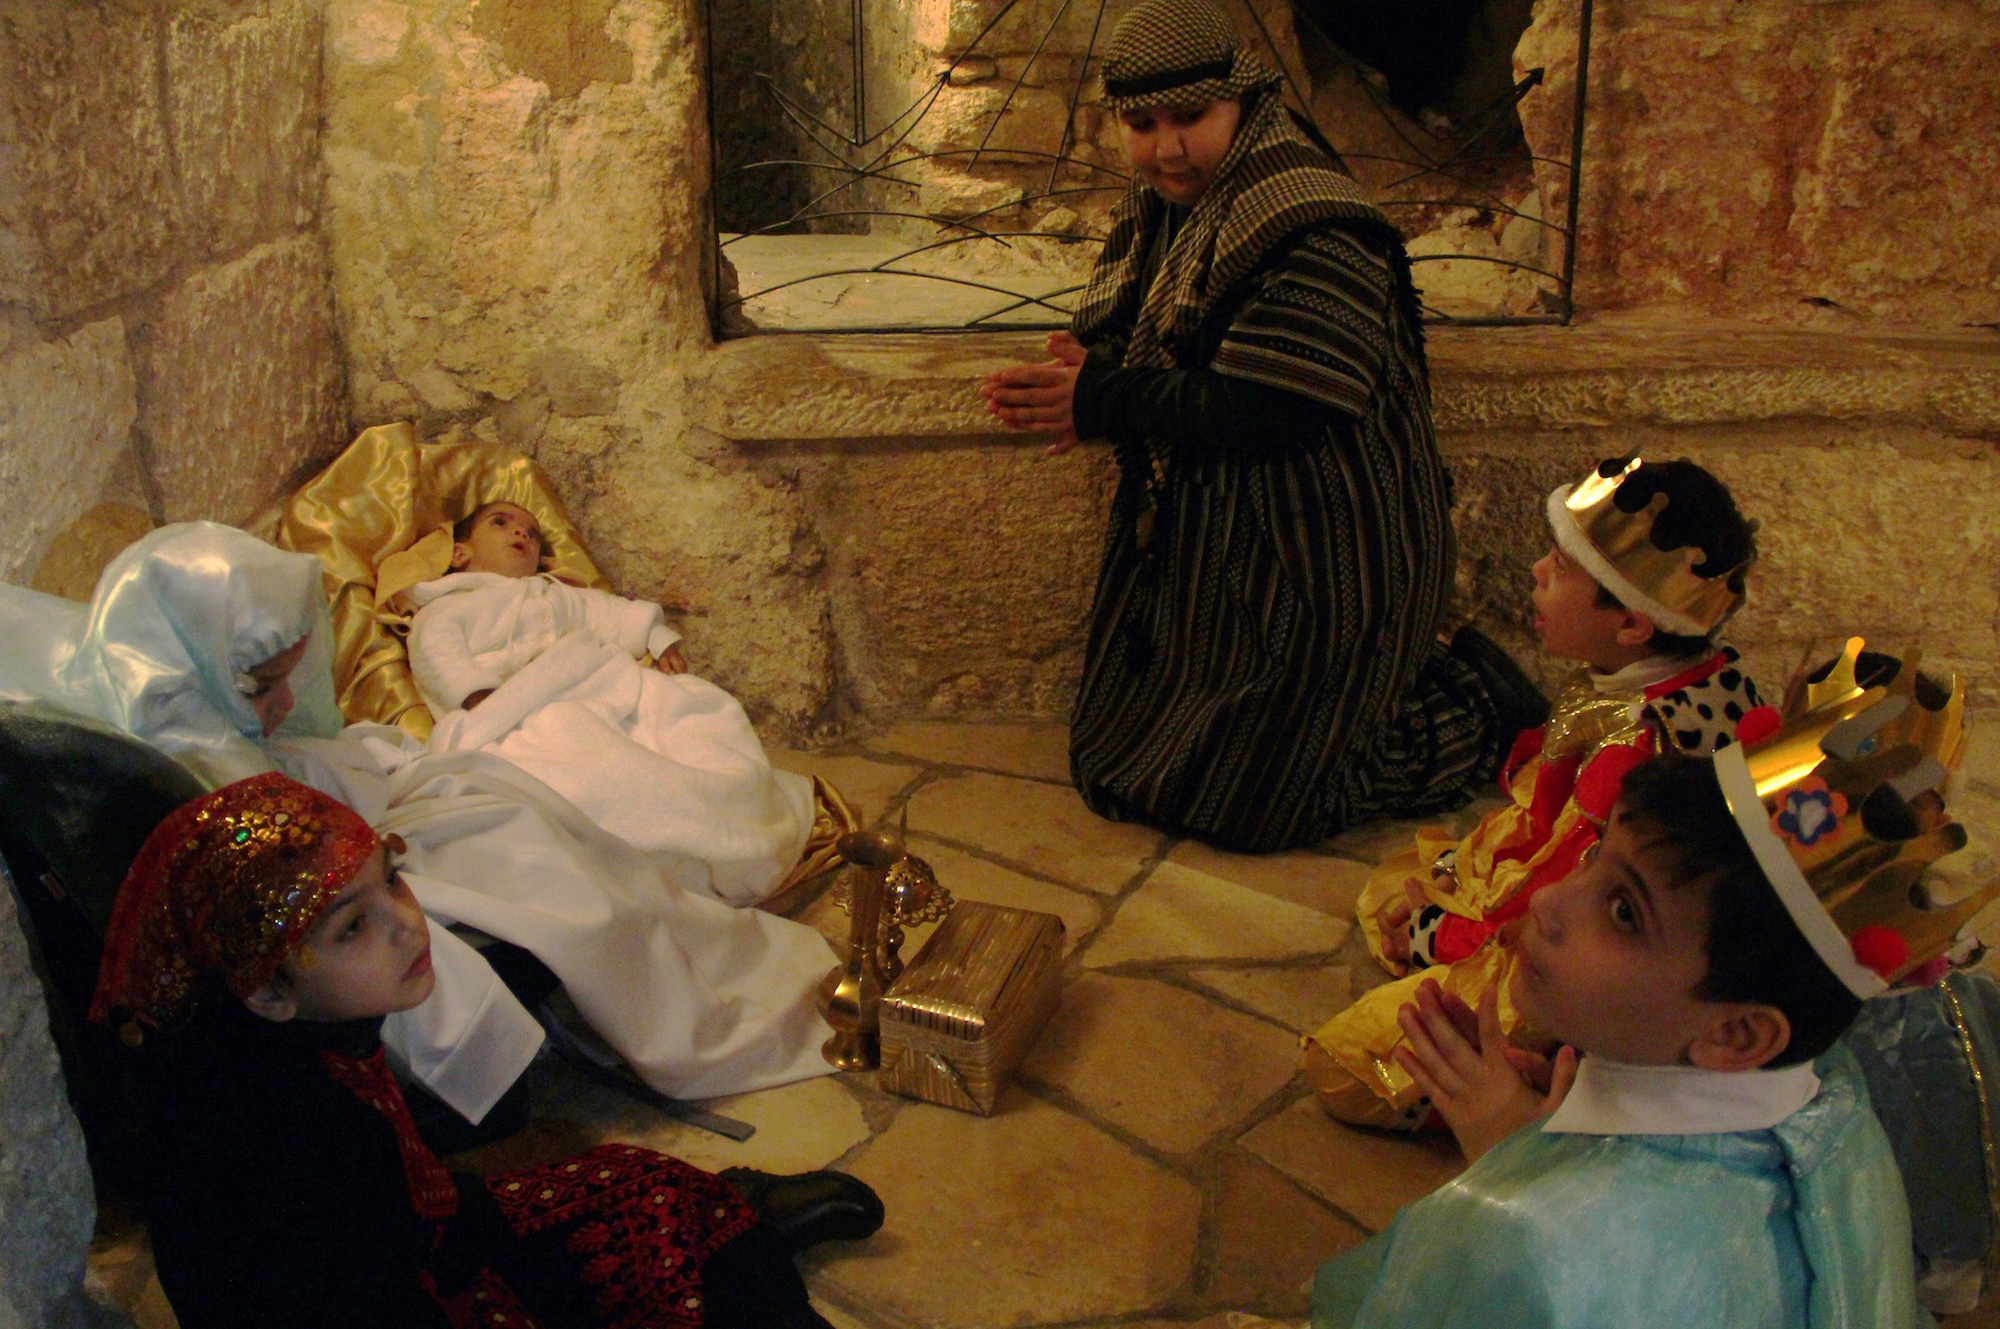 The Nativity Play in Bethlehem